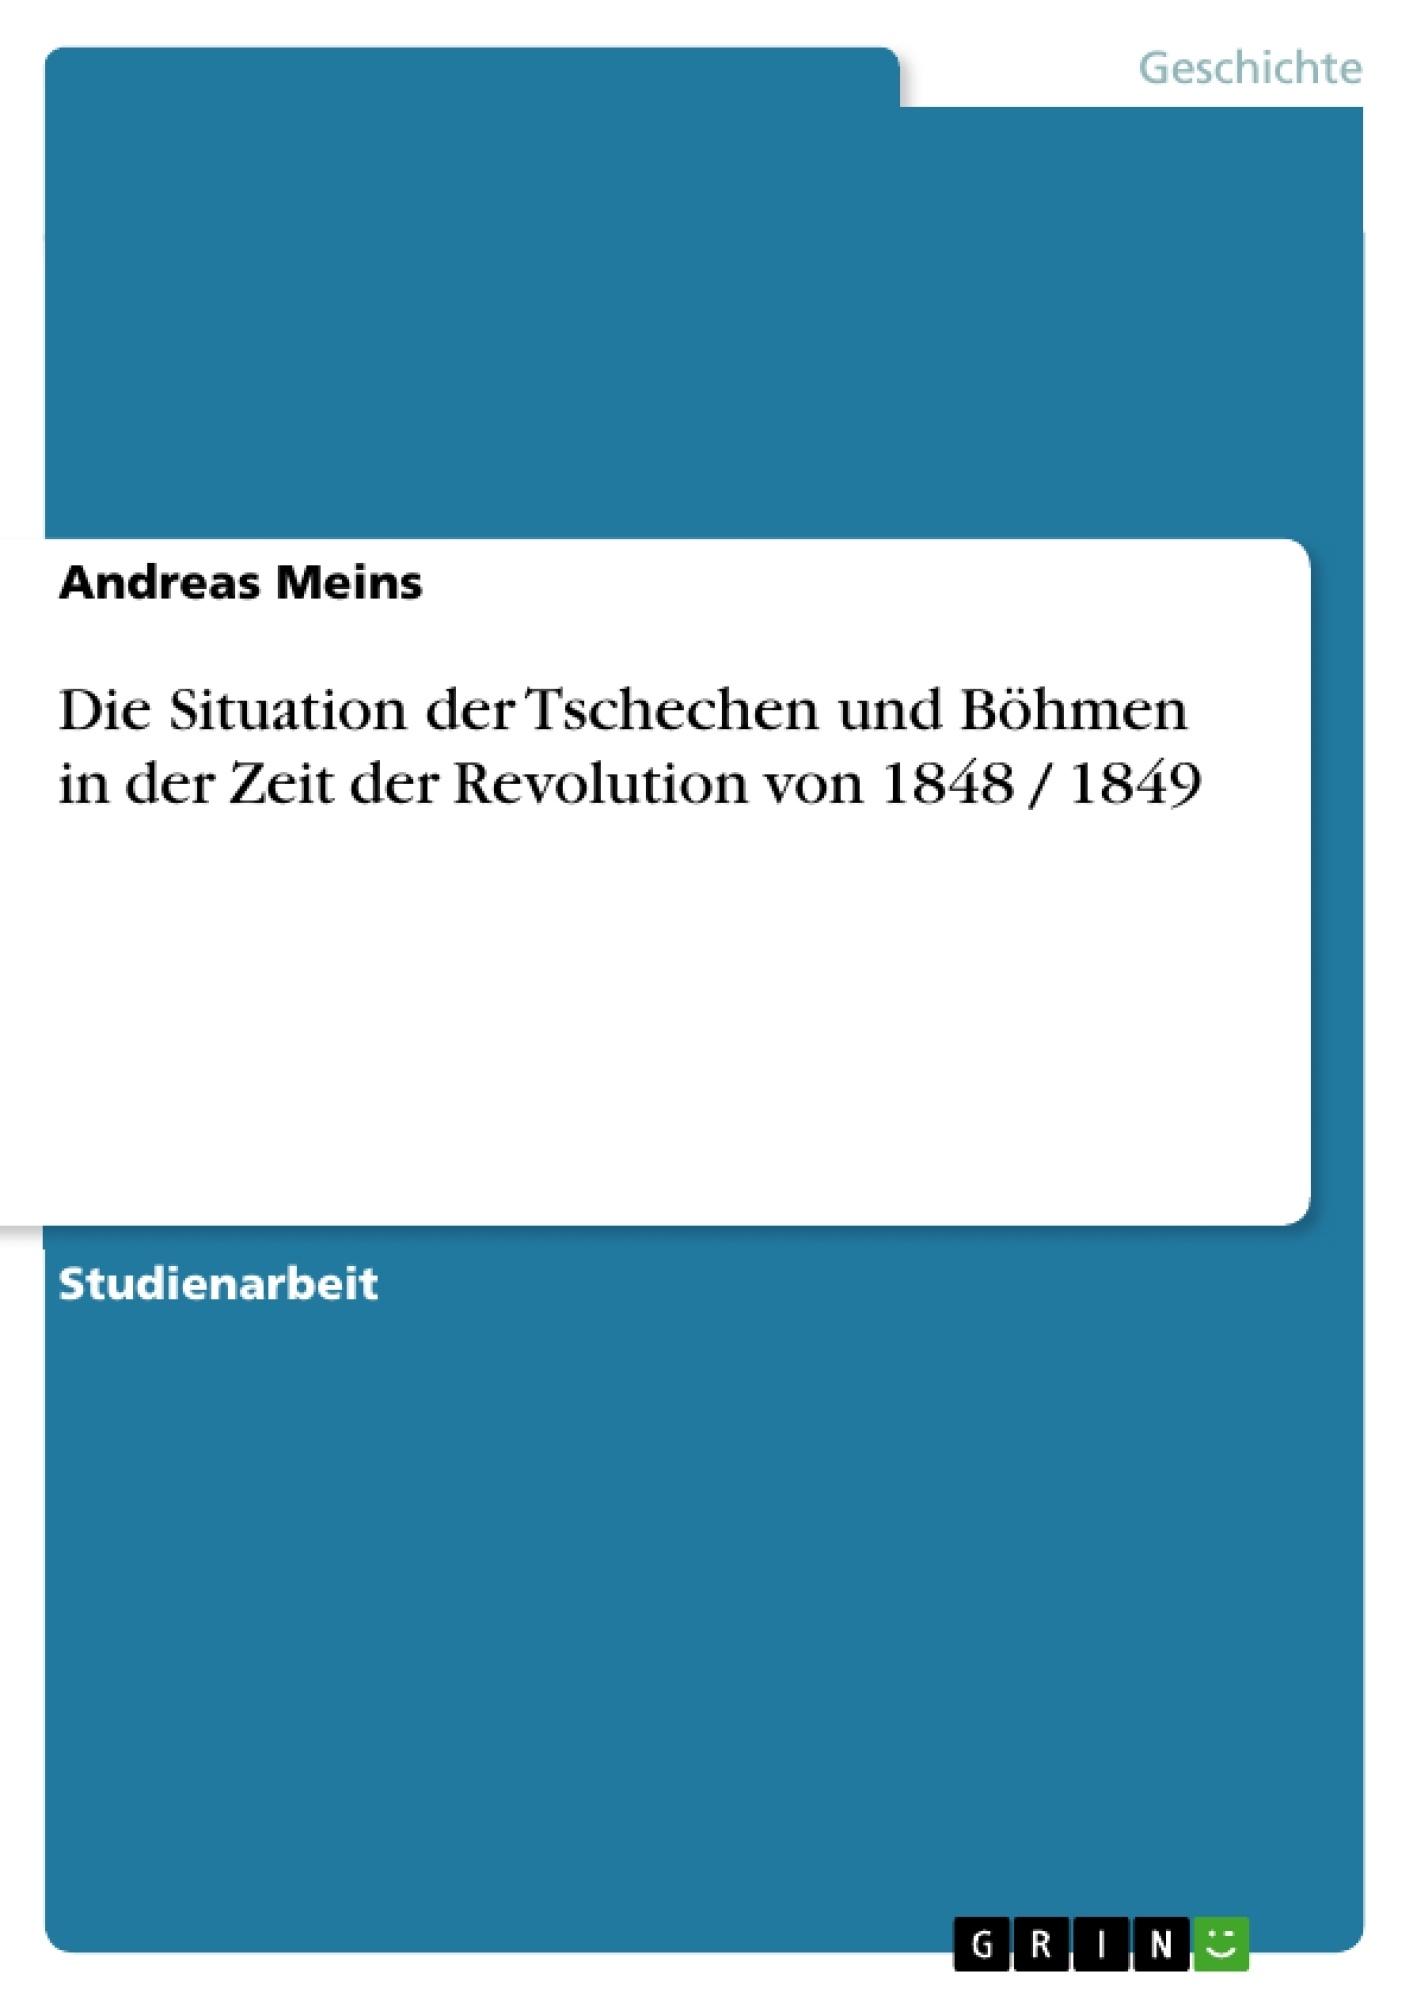 Titel: Die Situation der Tschechen und Böhmen in der Zeit der Revolution von 1848 / 1849